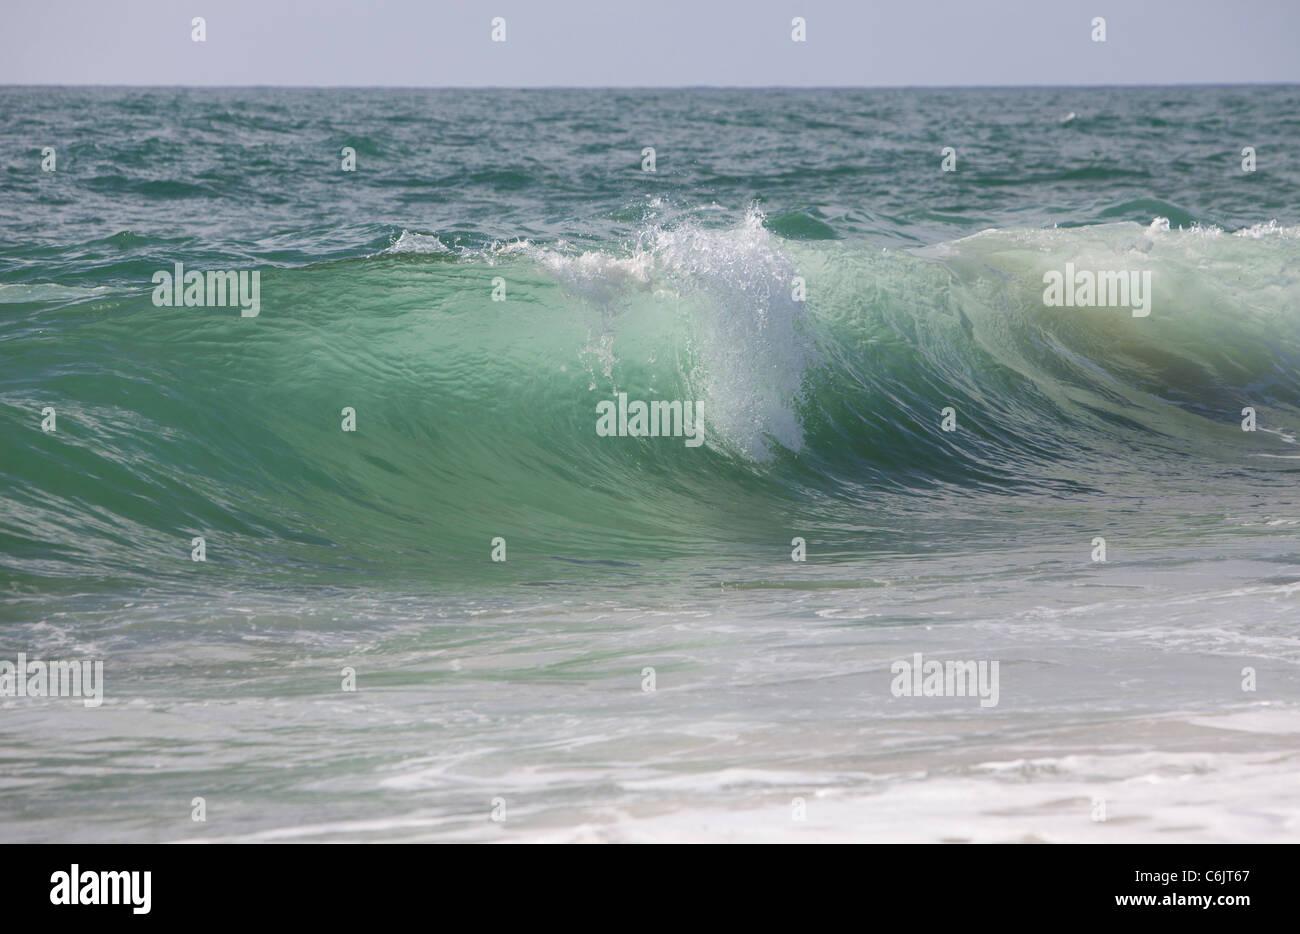 Spiaggia mare acqua di colori di sfondo onda oceano aperto Immagini Stock